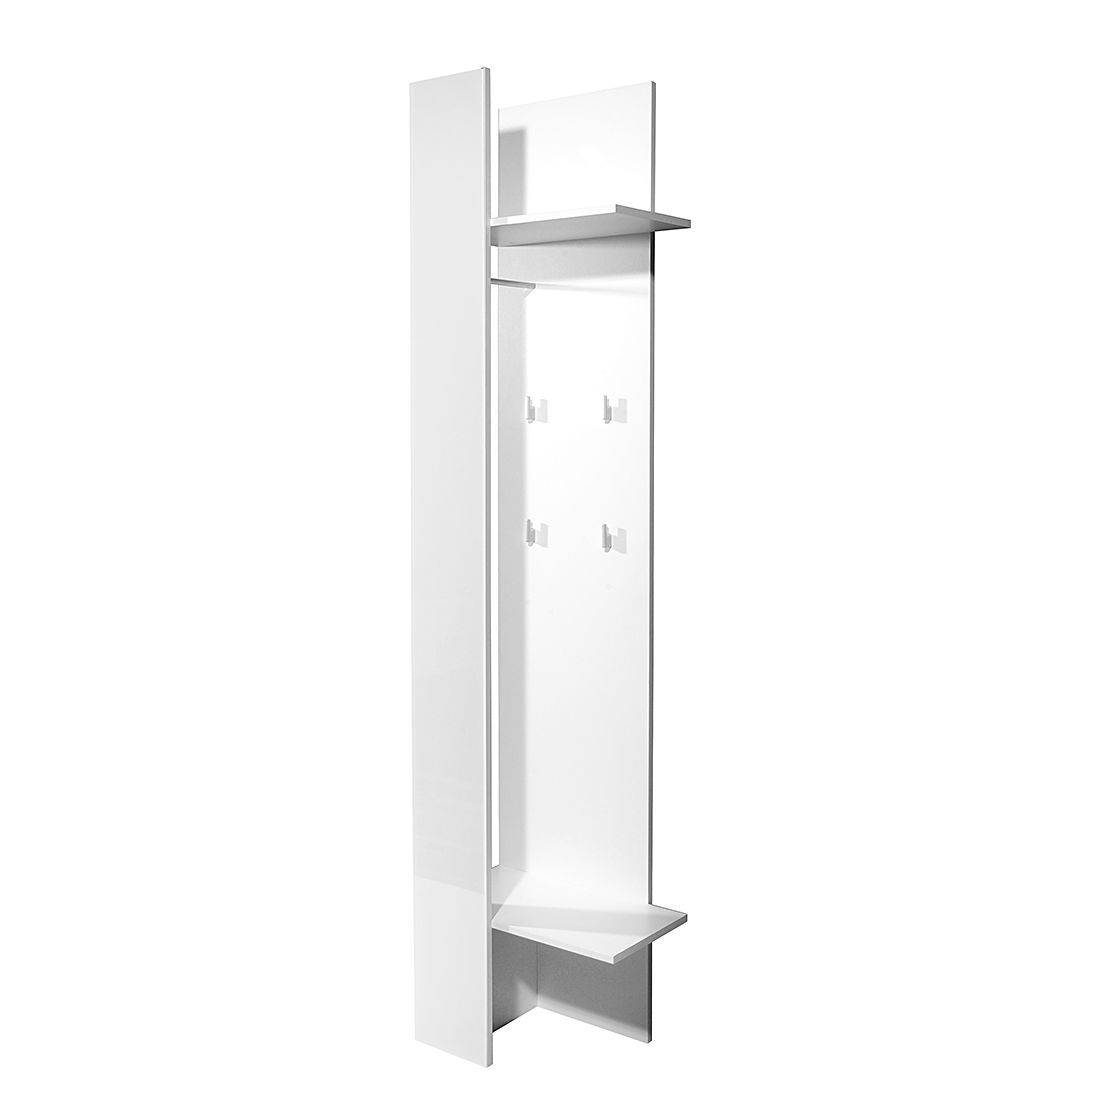 Garderobenpaneel Primus – Glas Weiß, Top Square jetzt bestellen